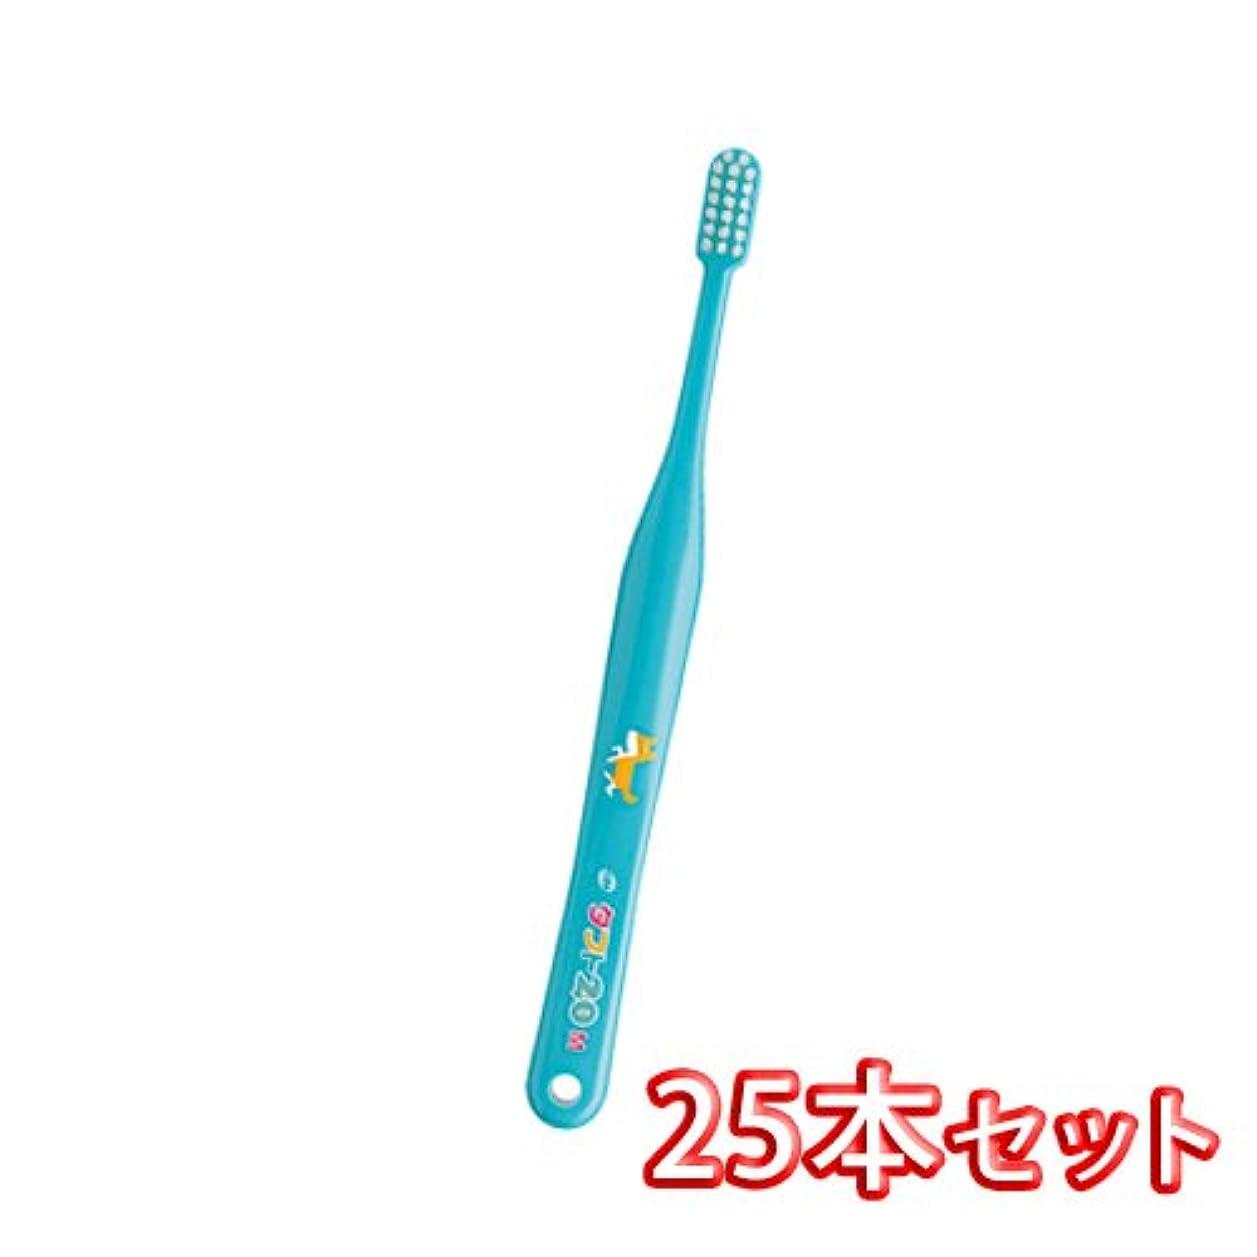 独立して気体の気分オーラルケア タフト 20 歯ブラシ プレミアムソフト 25本入(タフト20(PS)ブルー)